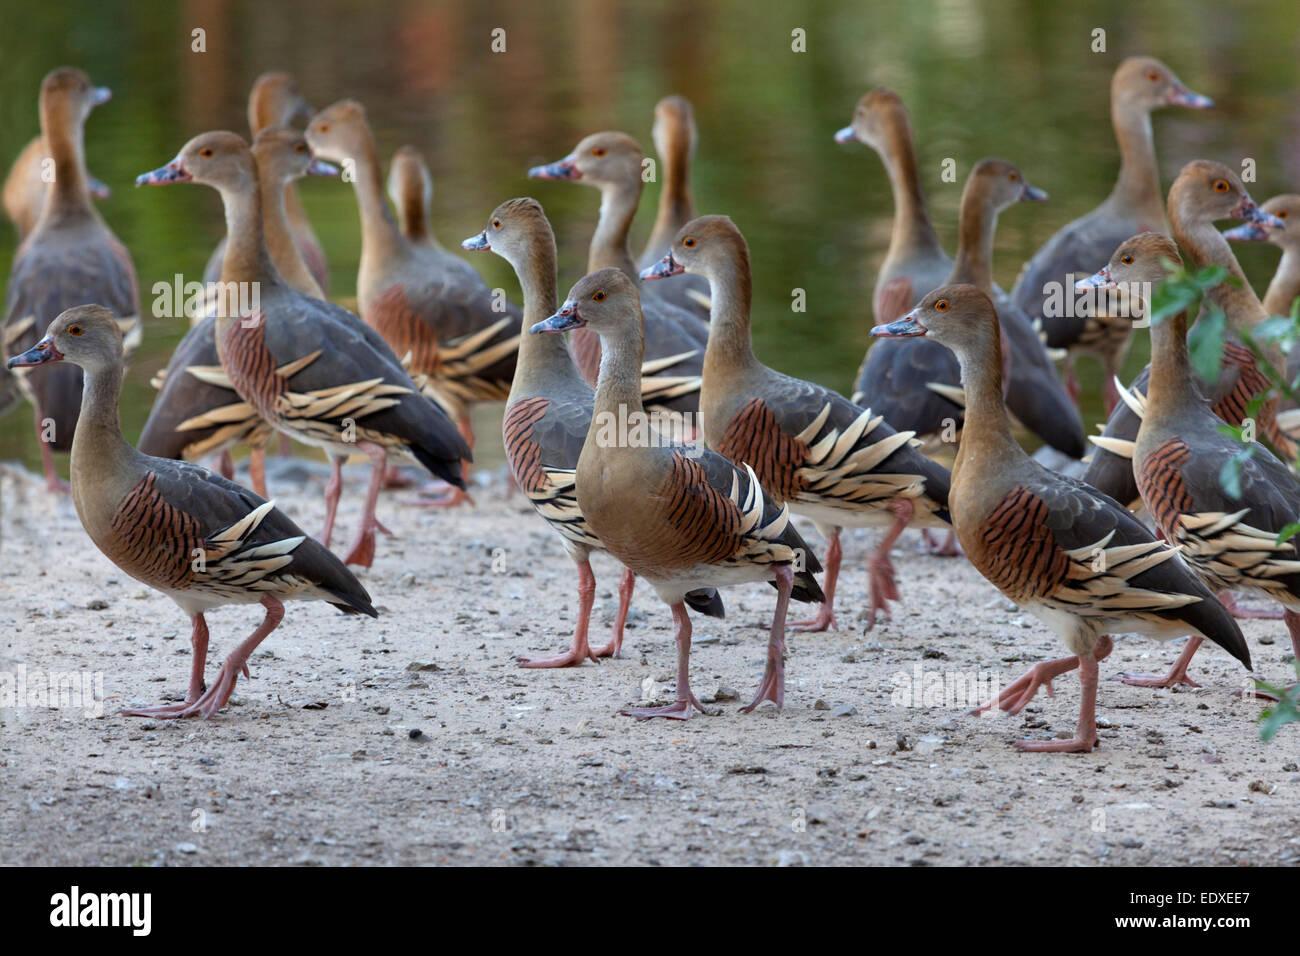 Plumed whistling ducks, Australia Stock Photo